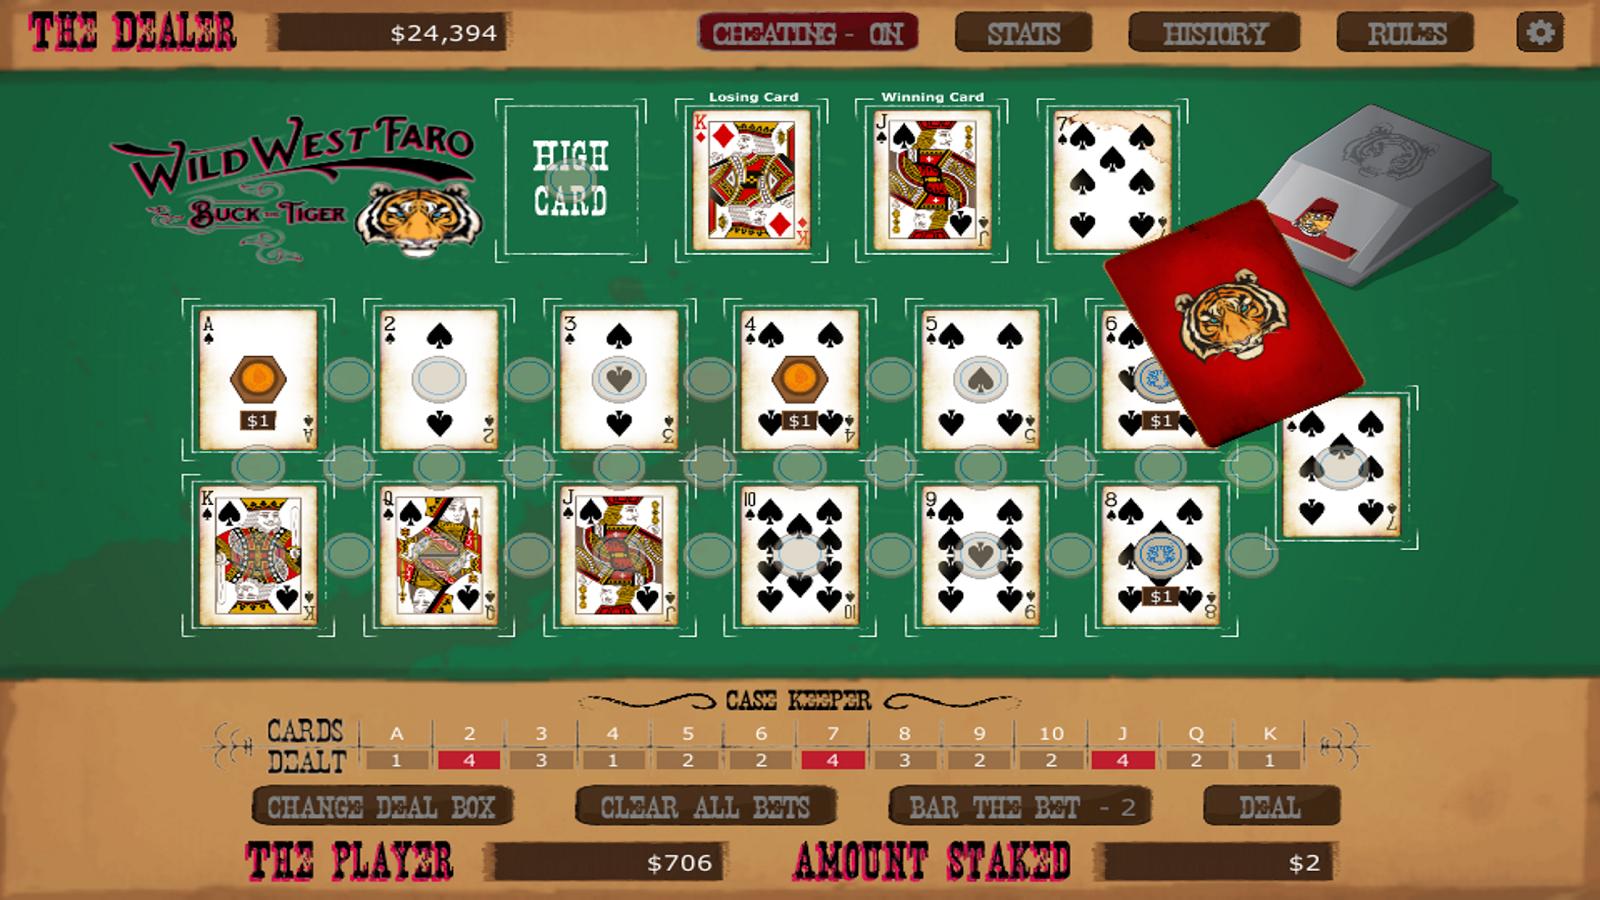 silversands online casino wild west spiele